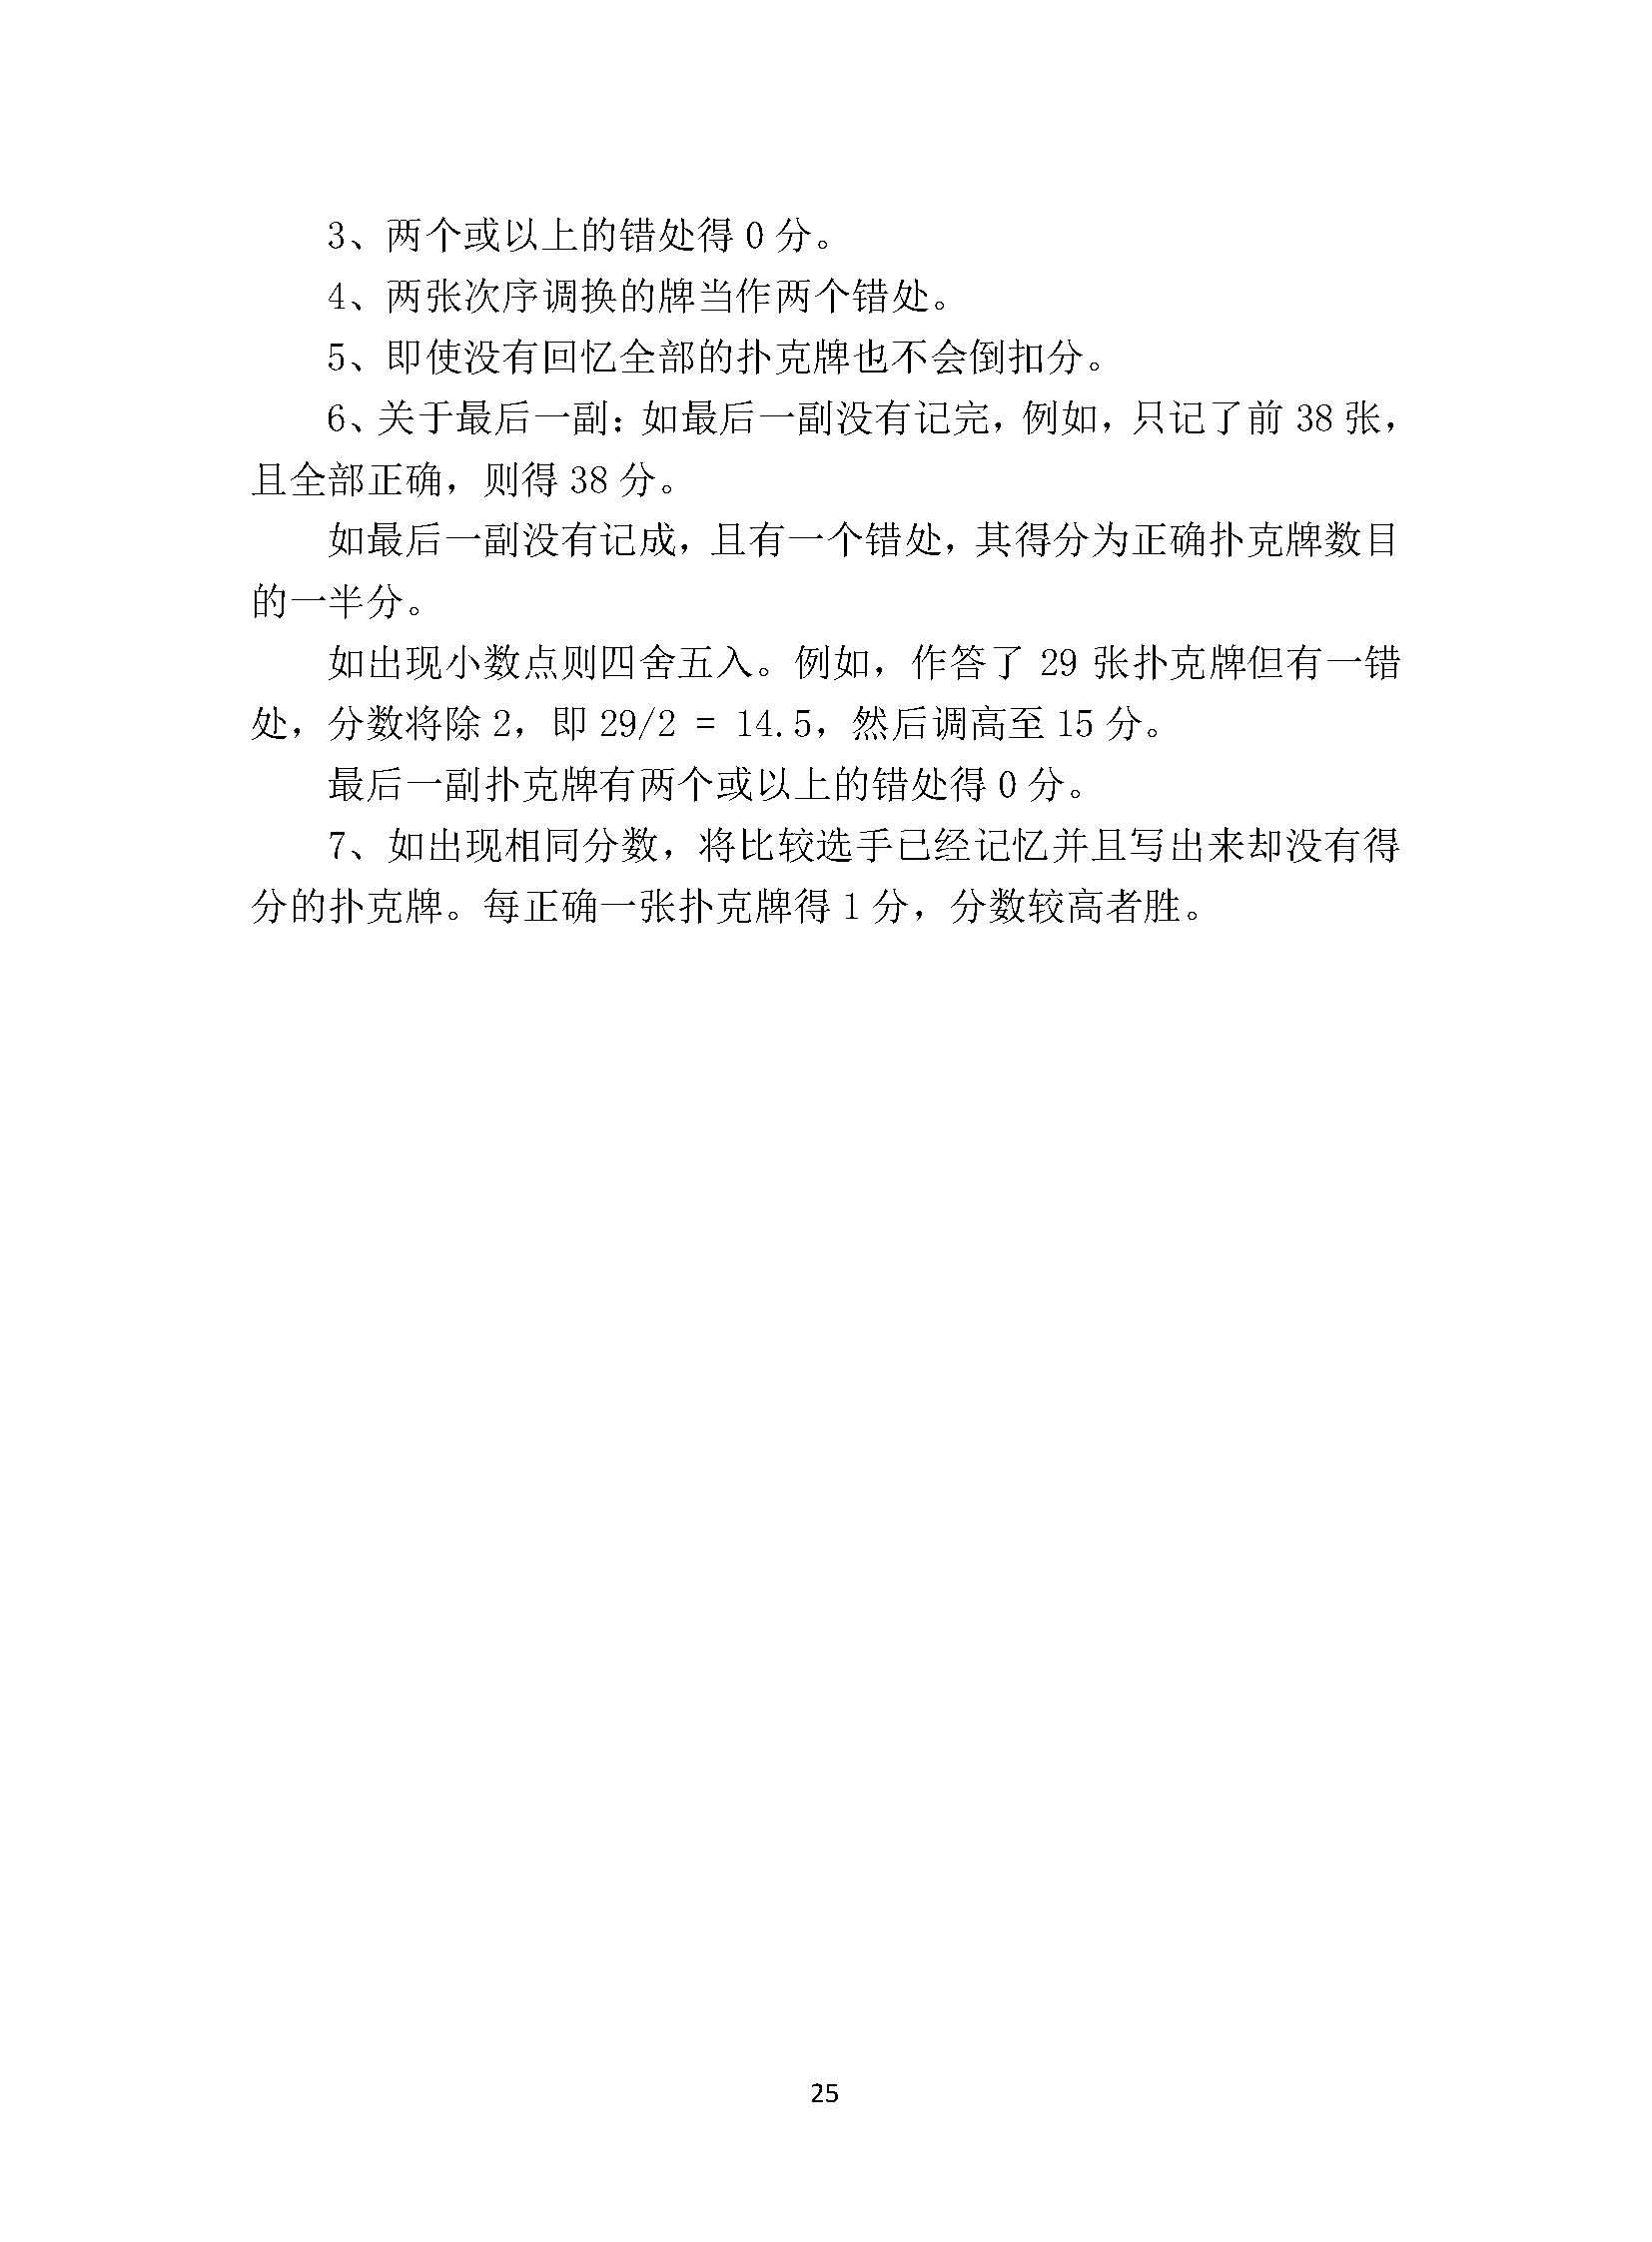 2019WMC选手训练手册-十大项目规则_页面_25